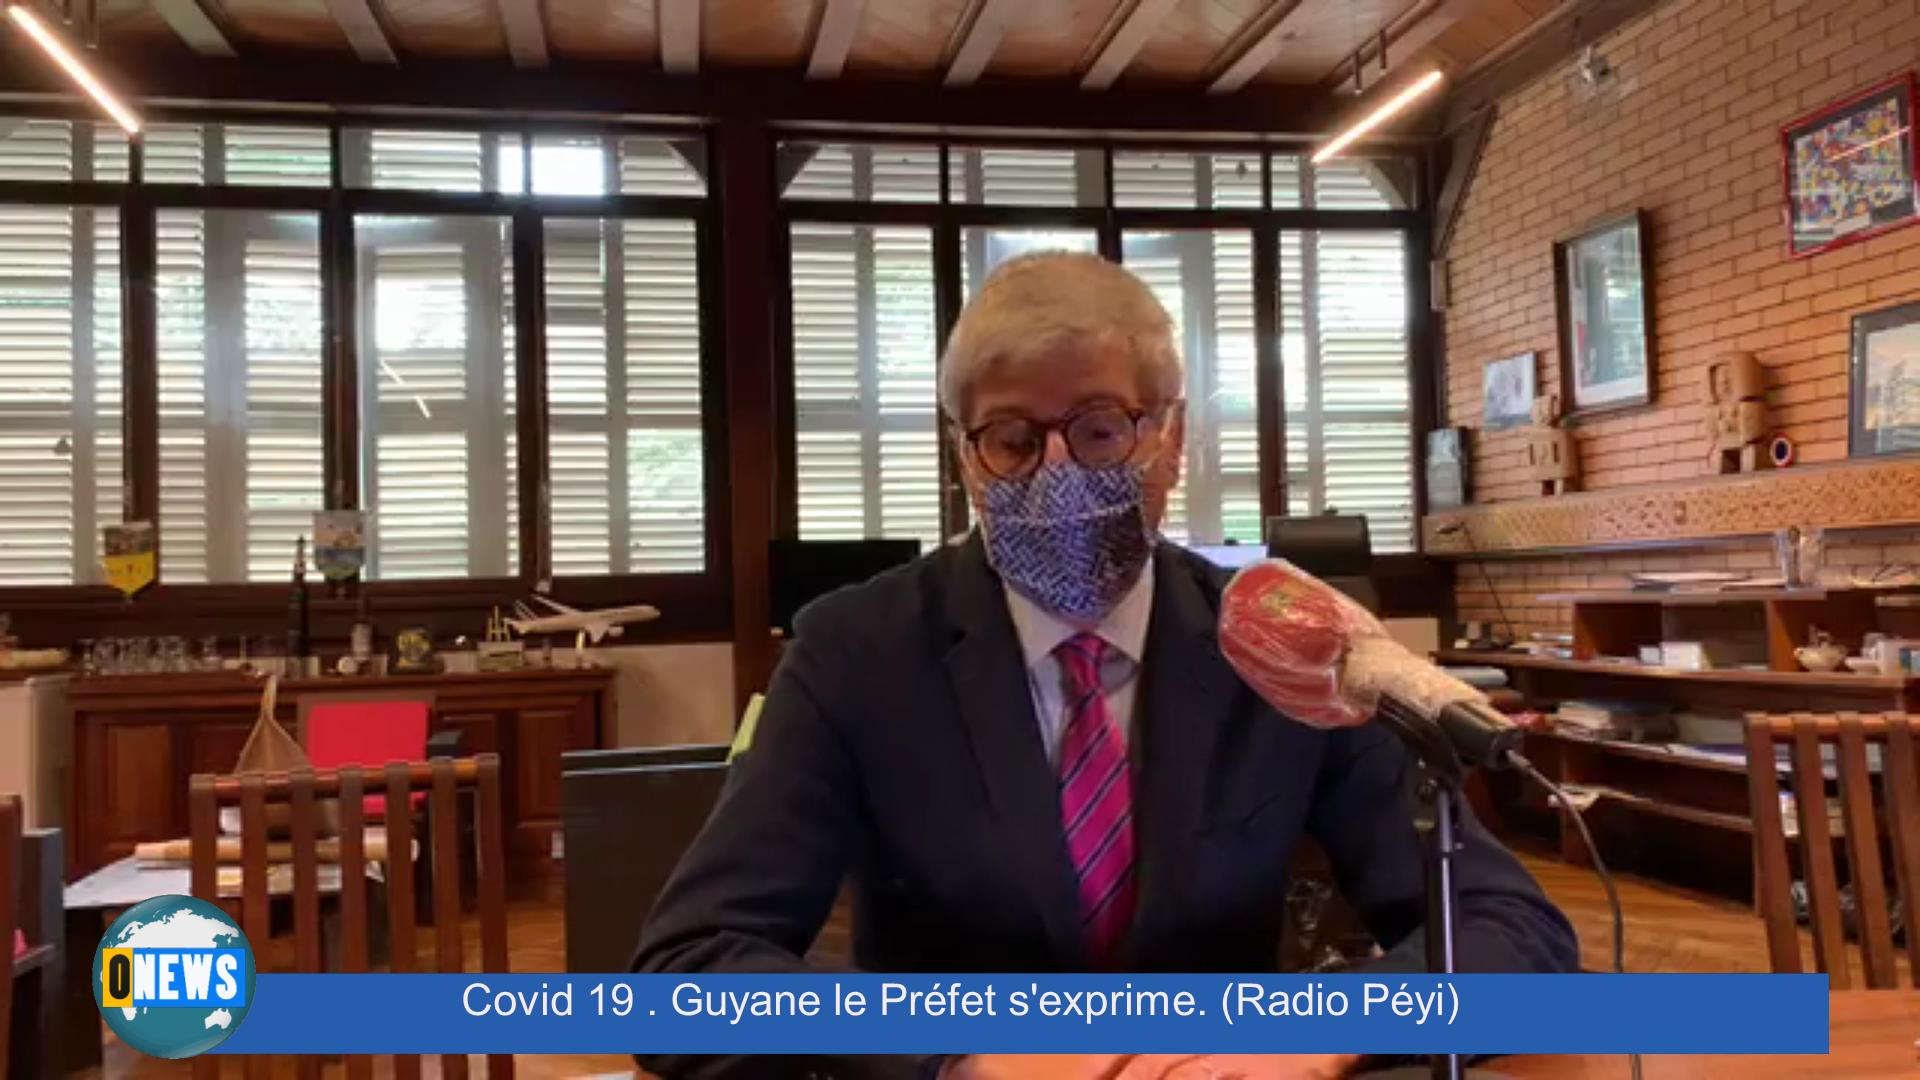 [Vidéo] Covid 19 Guyane le Préfet s'exprime (Radio Péyi)